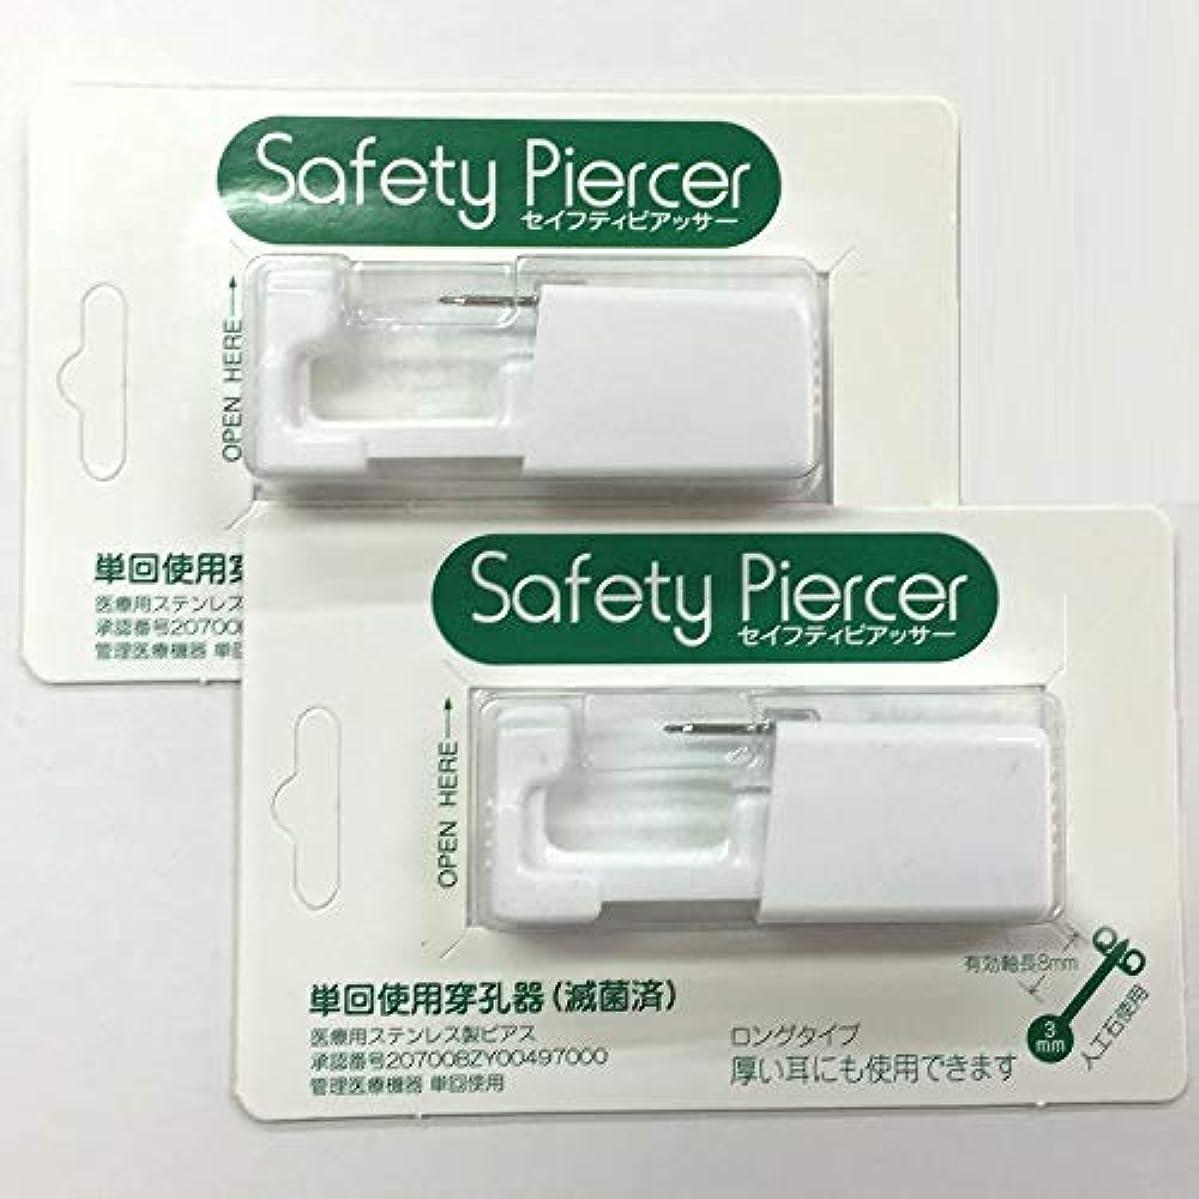 健全バンガローむしゃむしゃセイフティピアッサー シルバー (医療用ステンレス) 3mm ローズ色 5M110WL(2個セット)